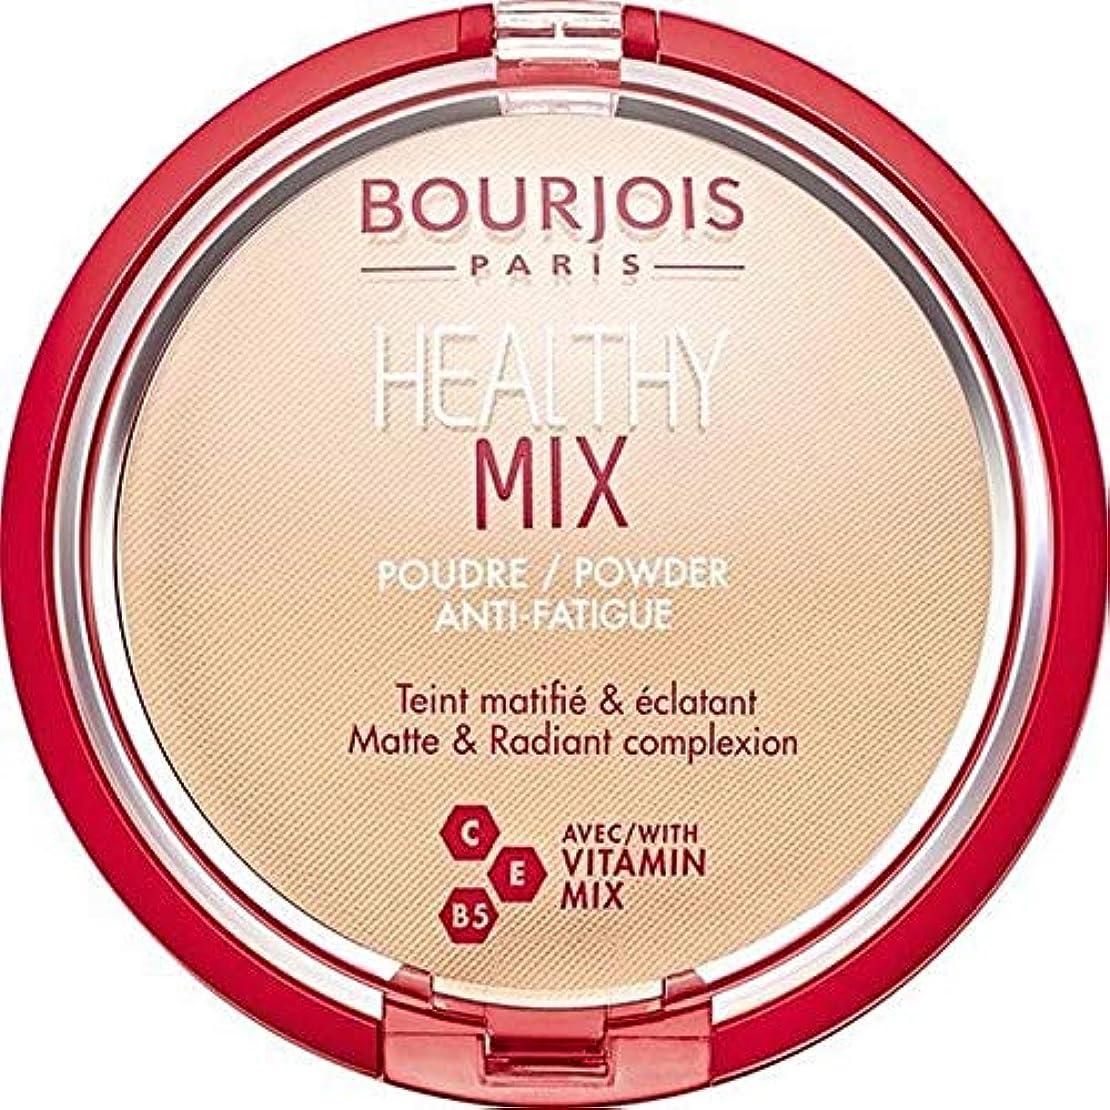 継続中変化シンプトン[Bourjois ] ブルジョワヘルシーミックス粉1を押します - Bourjois Healthy Mix Pressed Powder 1 [並行輸入品]